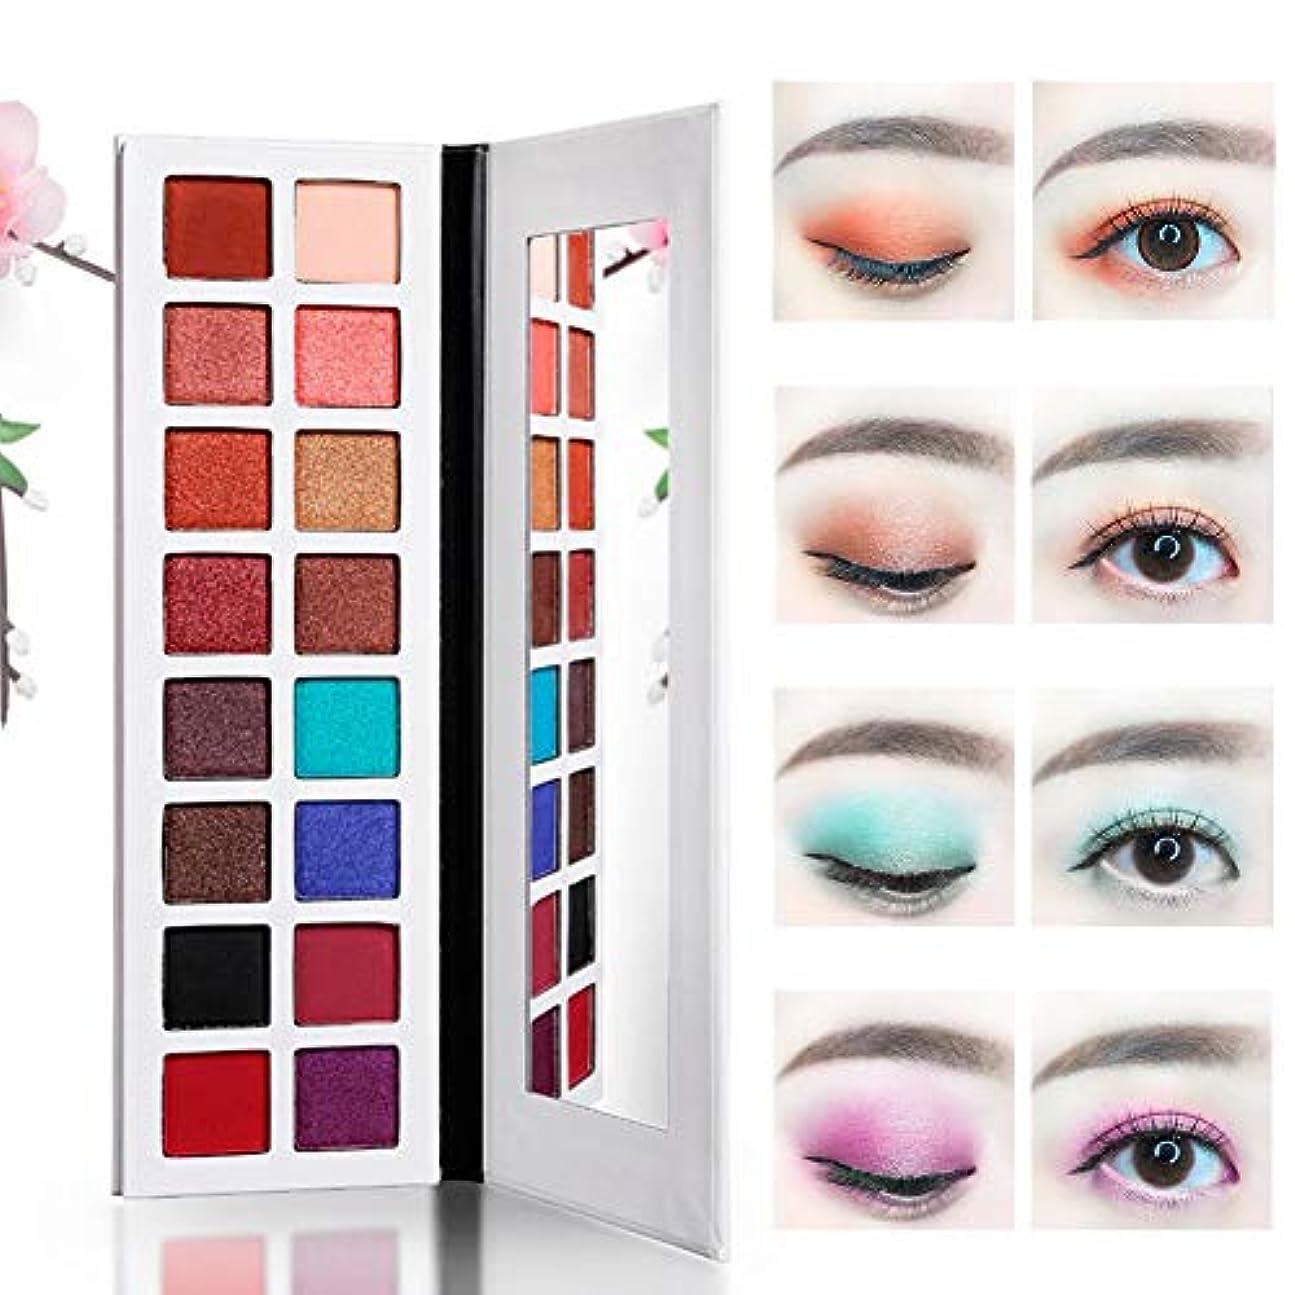 浴反逆分散Symboat Eyeshadow 16色 アイシャドウパレット長続きファッション 化粧品 女性用 ヌードメイク自然立体 高発色 初心者アイシャドウ激安 ラメ ラメ入り